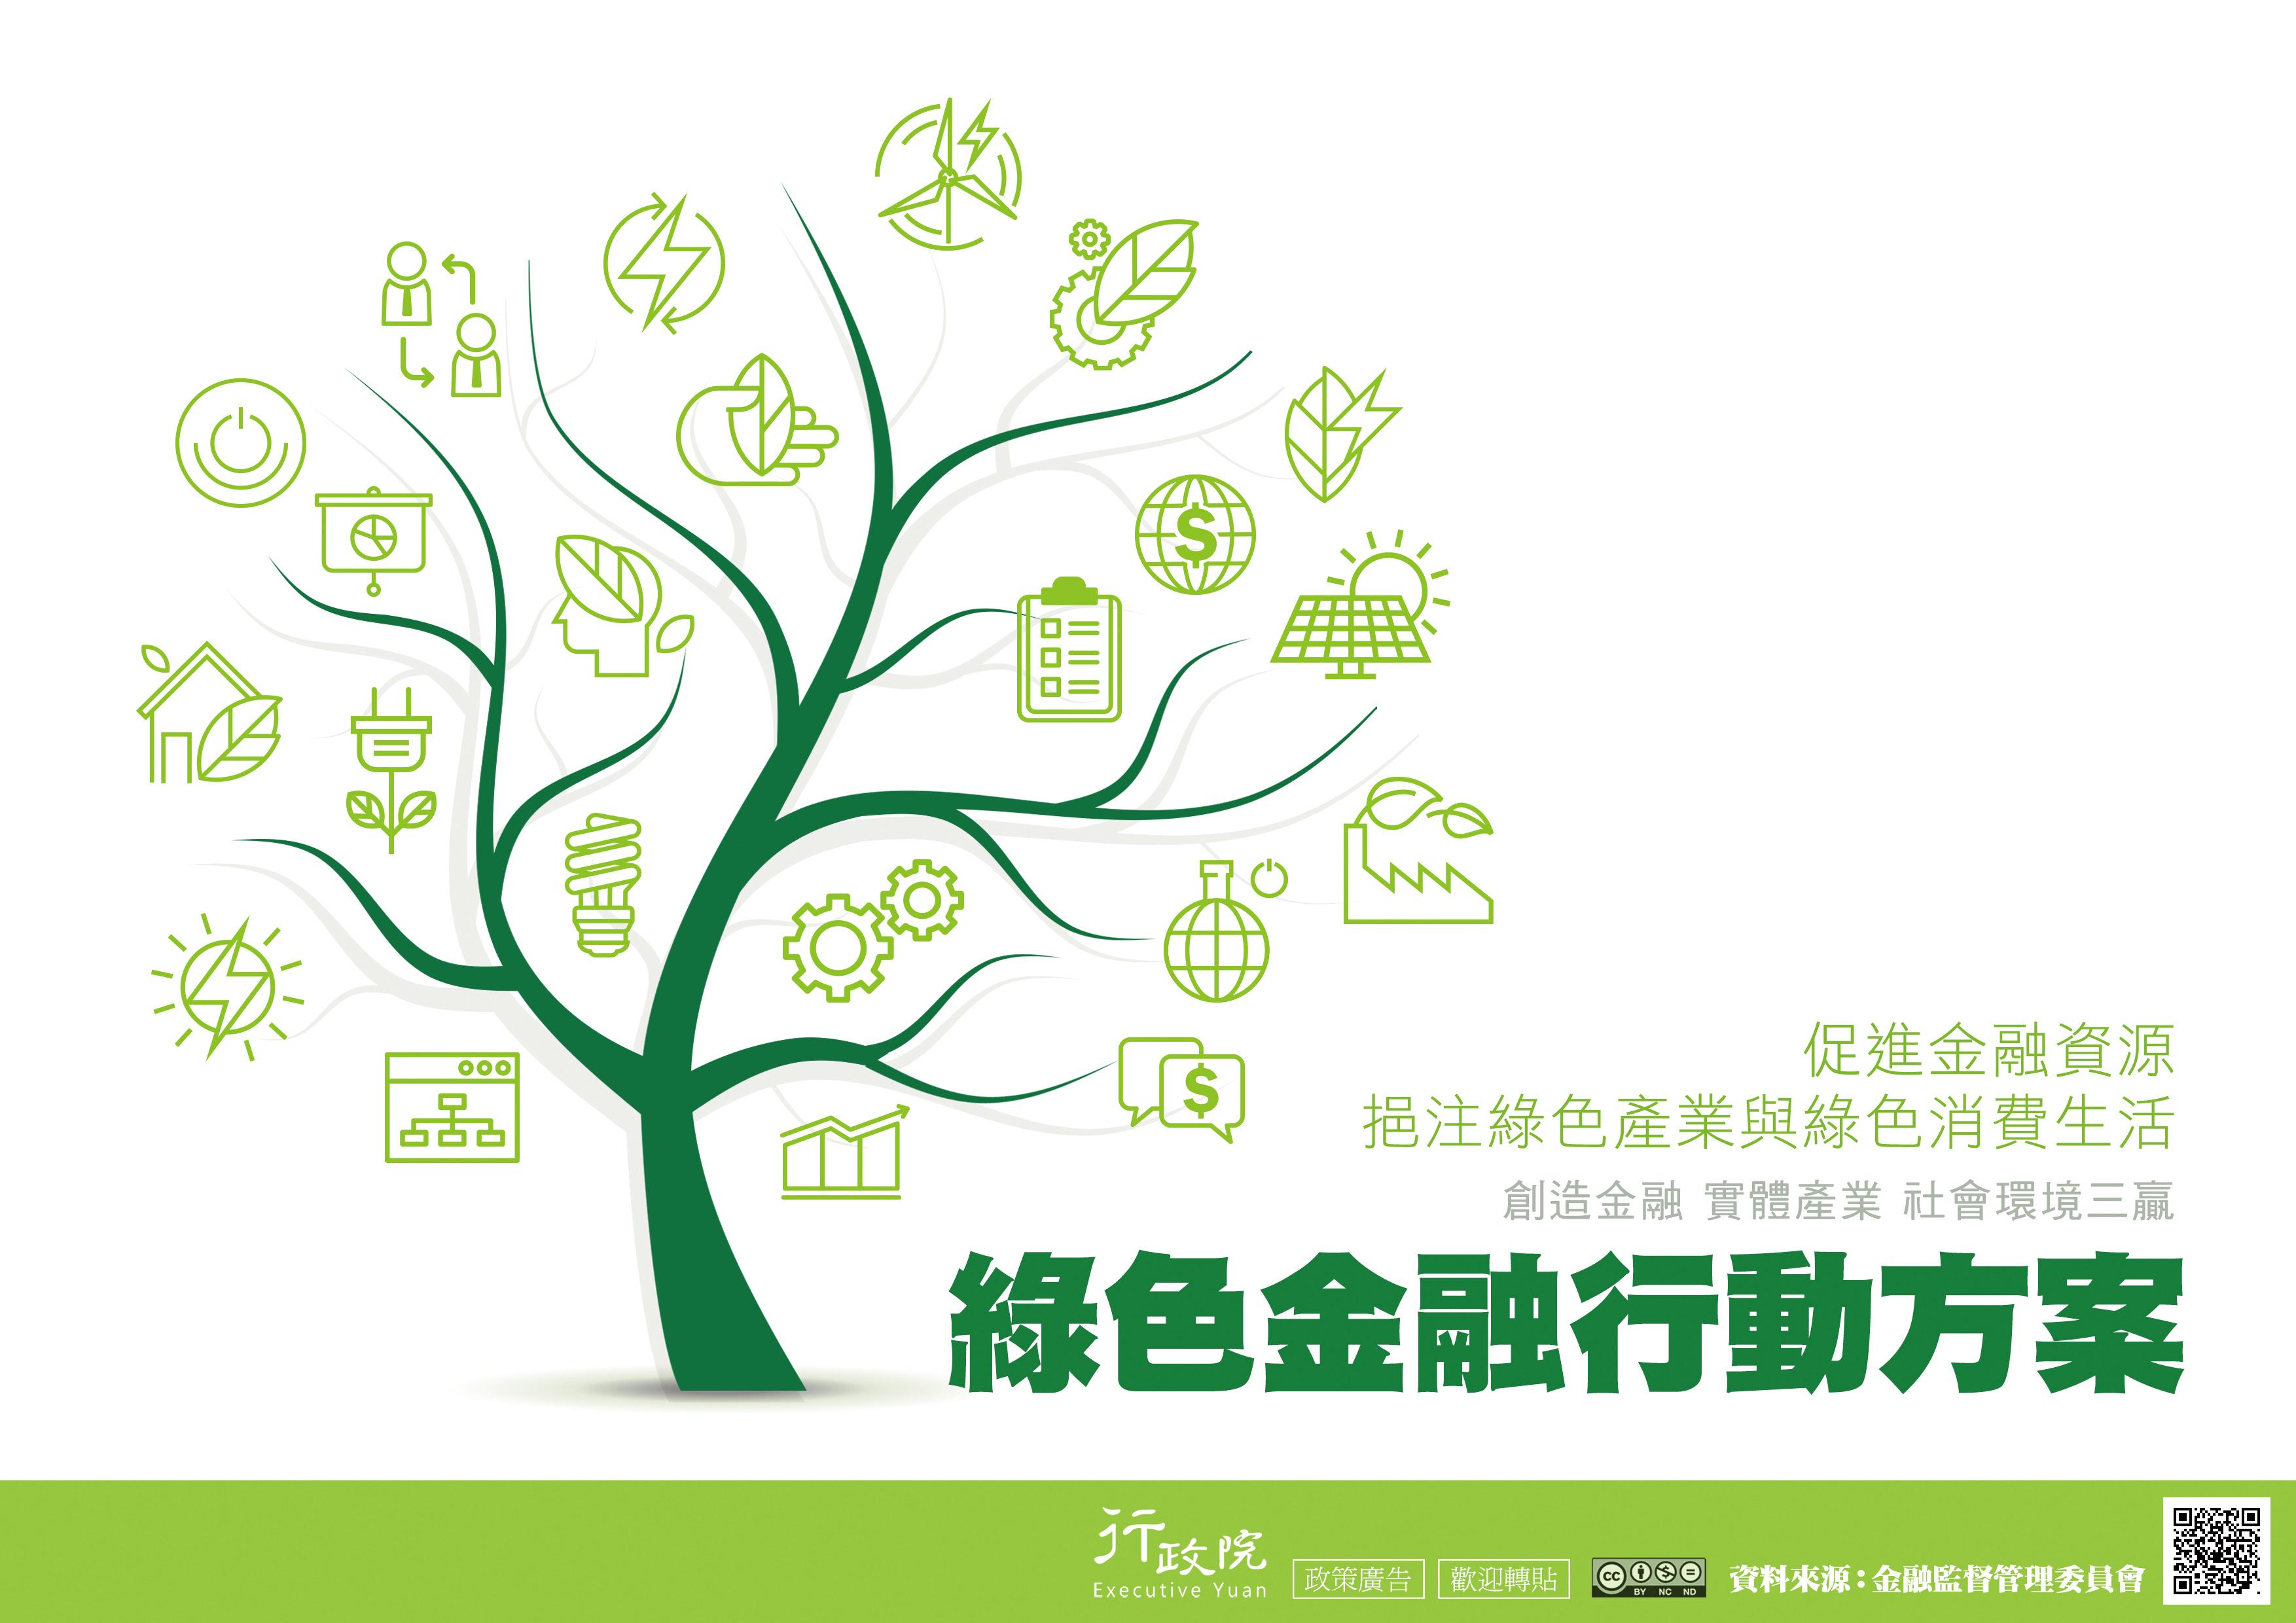 綠色金融行動方案,促進金融資源,挹注綠色產業與綠色消費生活,創造金融、實體產業、社會環境三贏